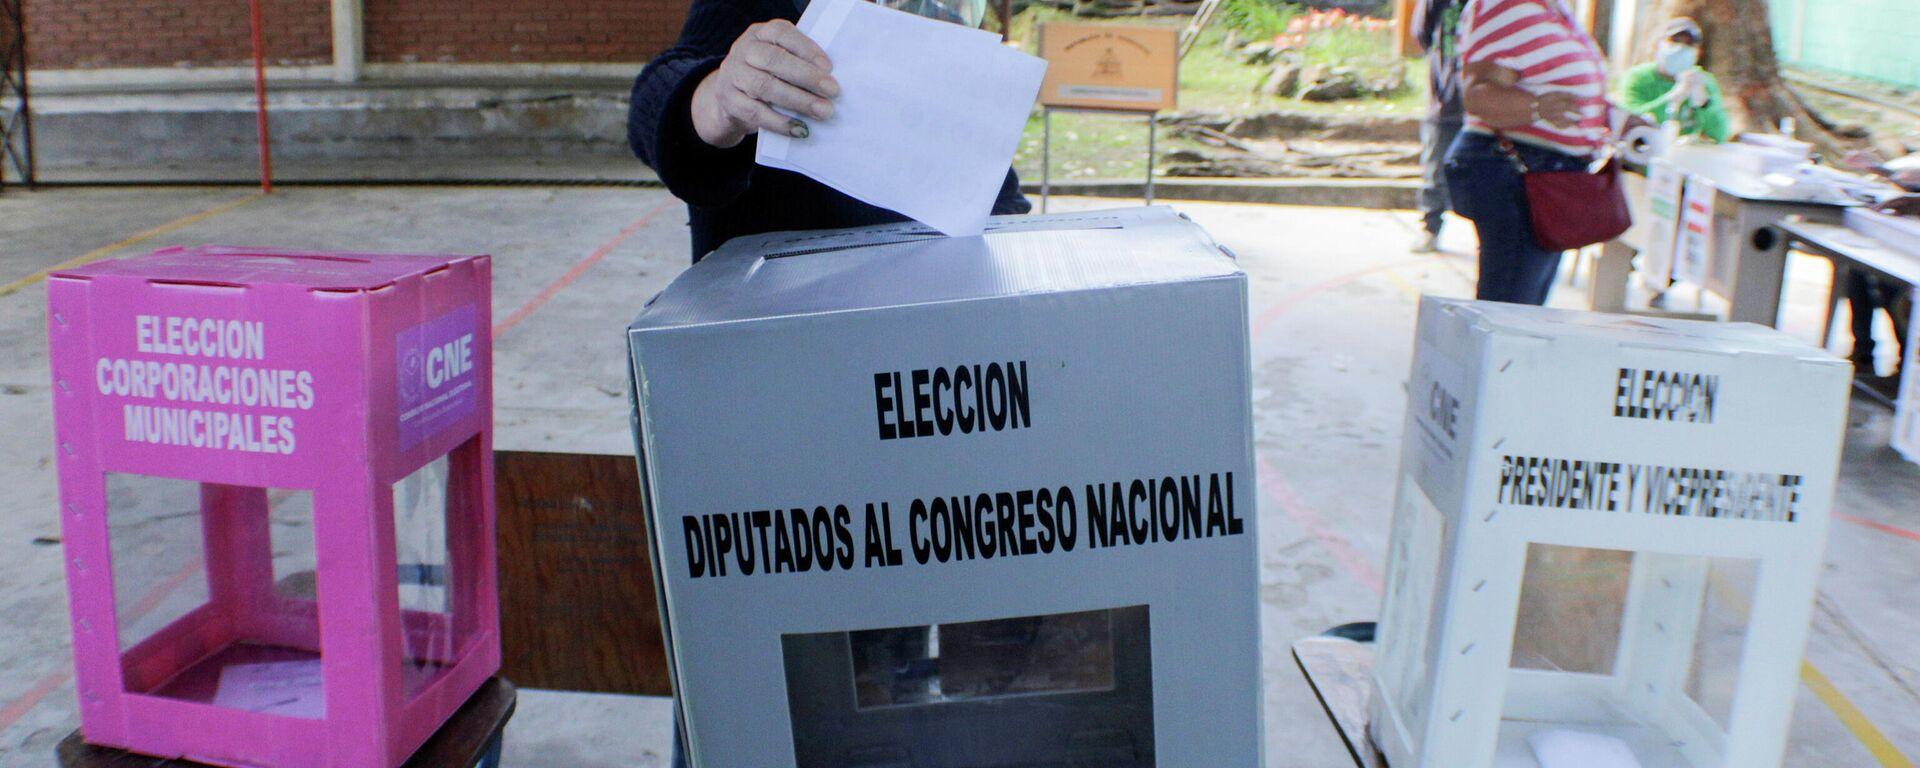 Elecciones primarias en Honduras - Sputnik Mundo, 1920, 19.03.2021